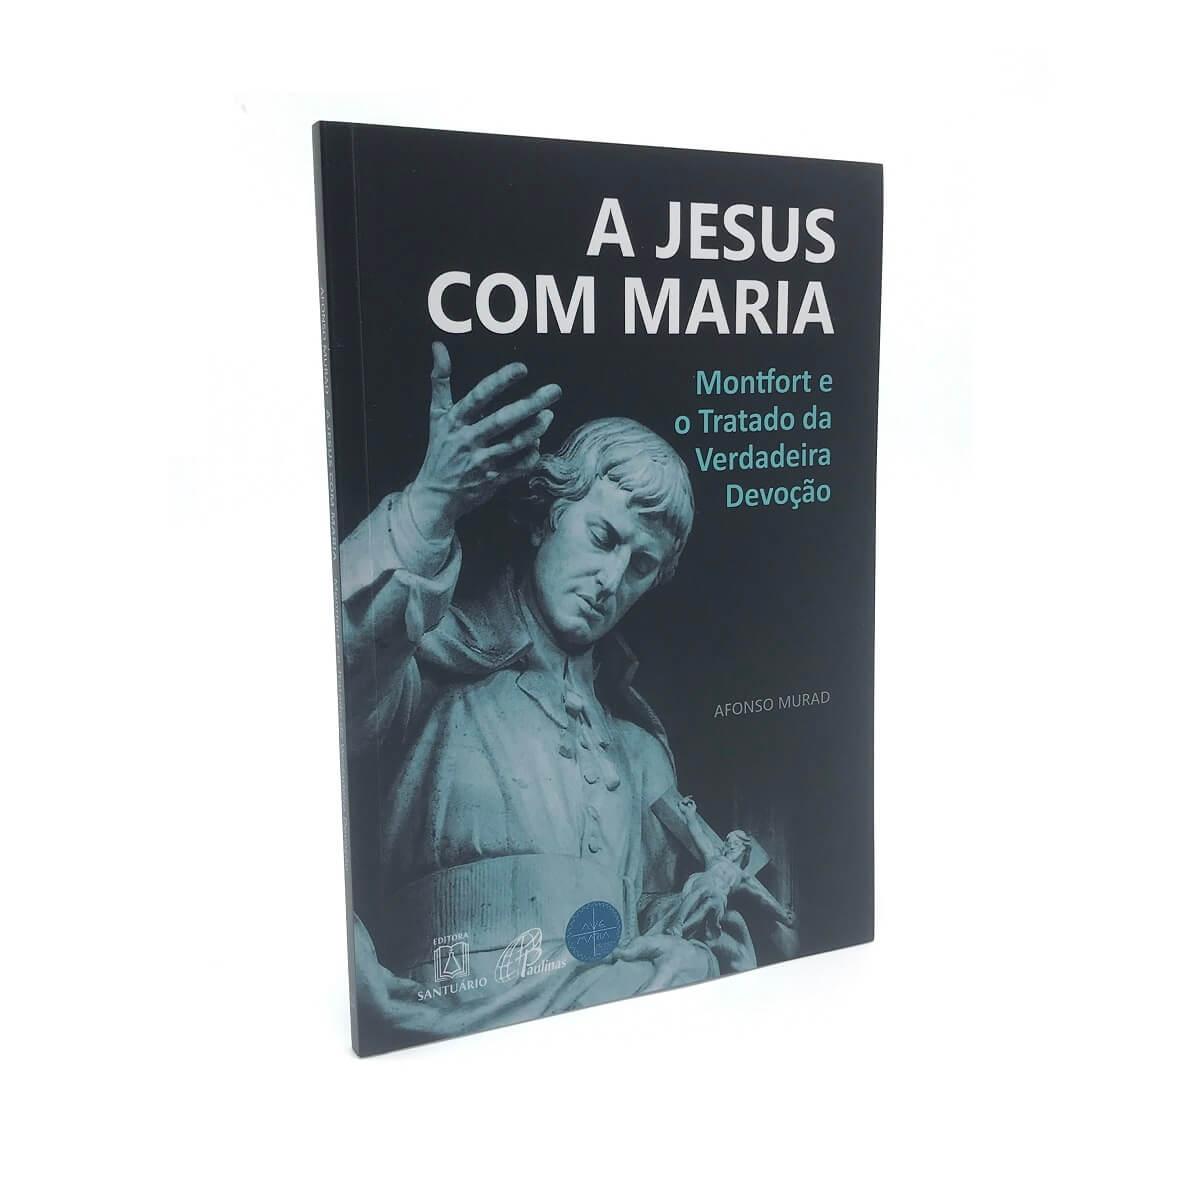 Livro A Jesus Com Maria - Montfort E O Tratado Da Verdadeira Devoção - Afonso Murad